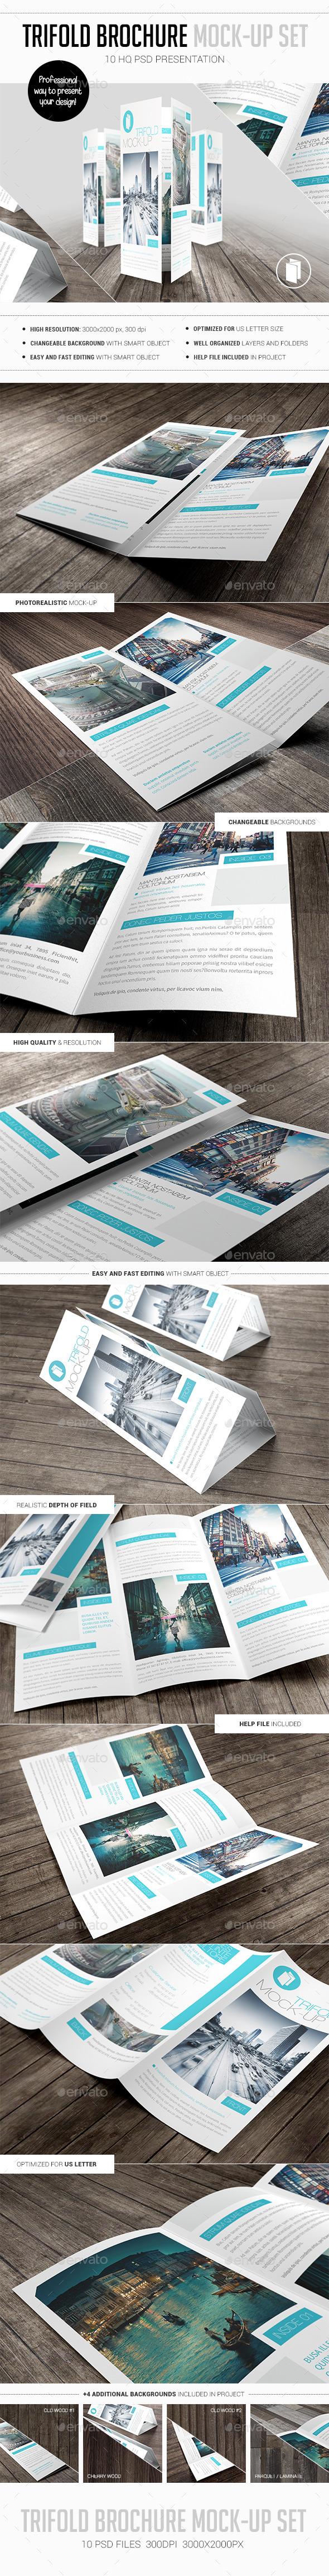 GraphicRiver Trifold Brochure Mock-Up Set 10475478